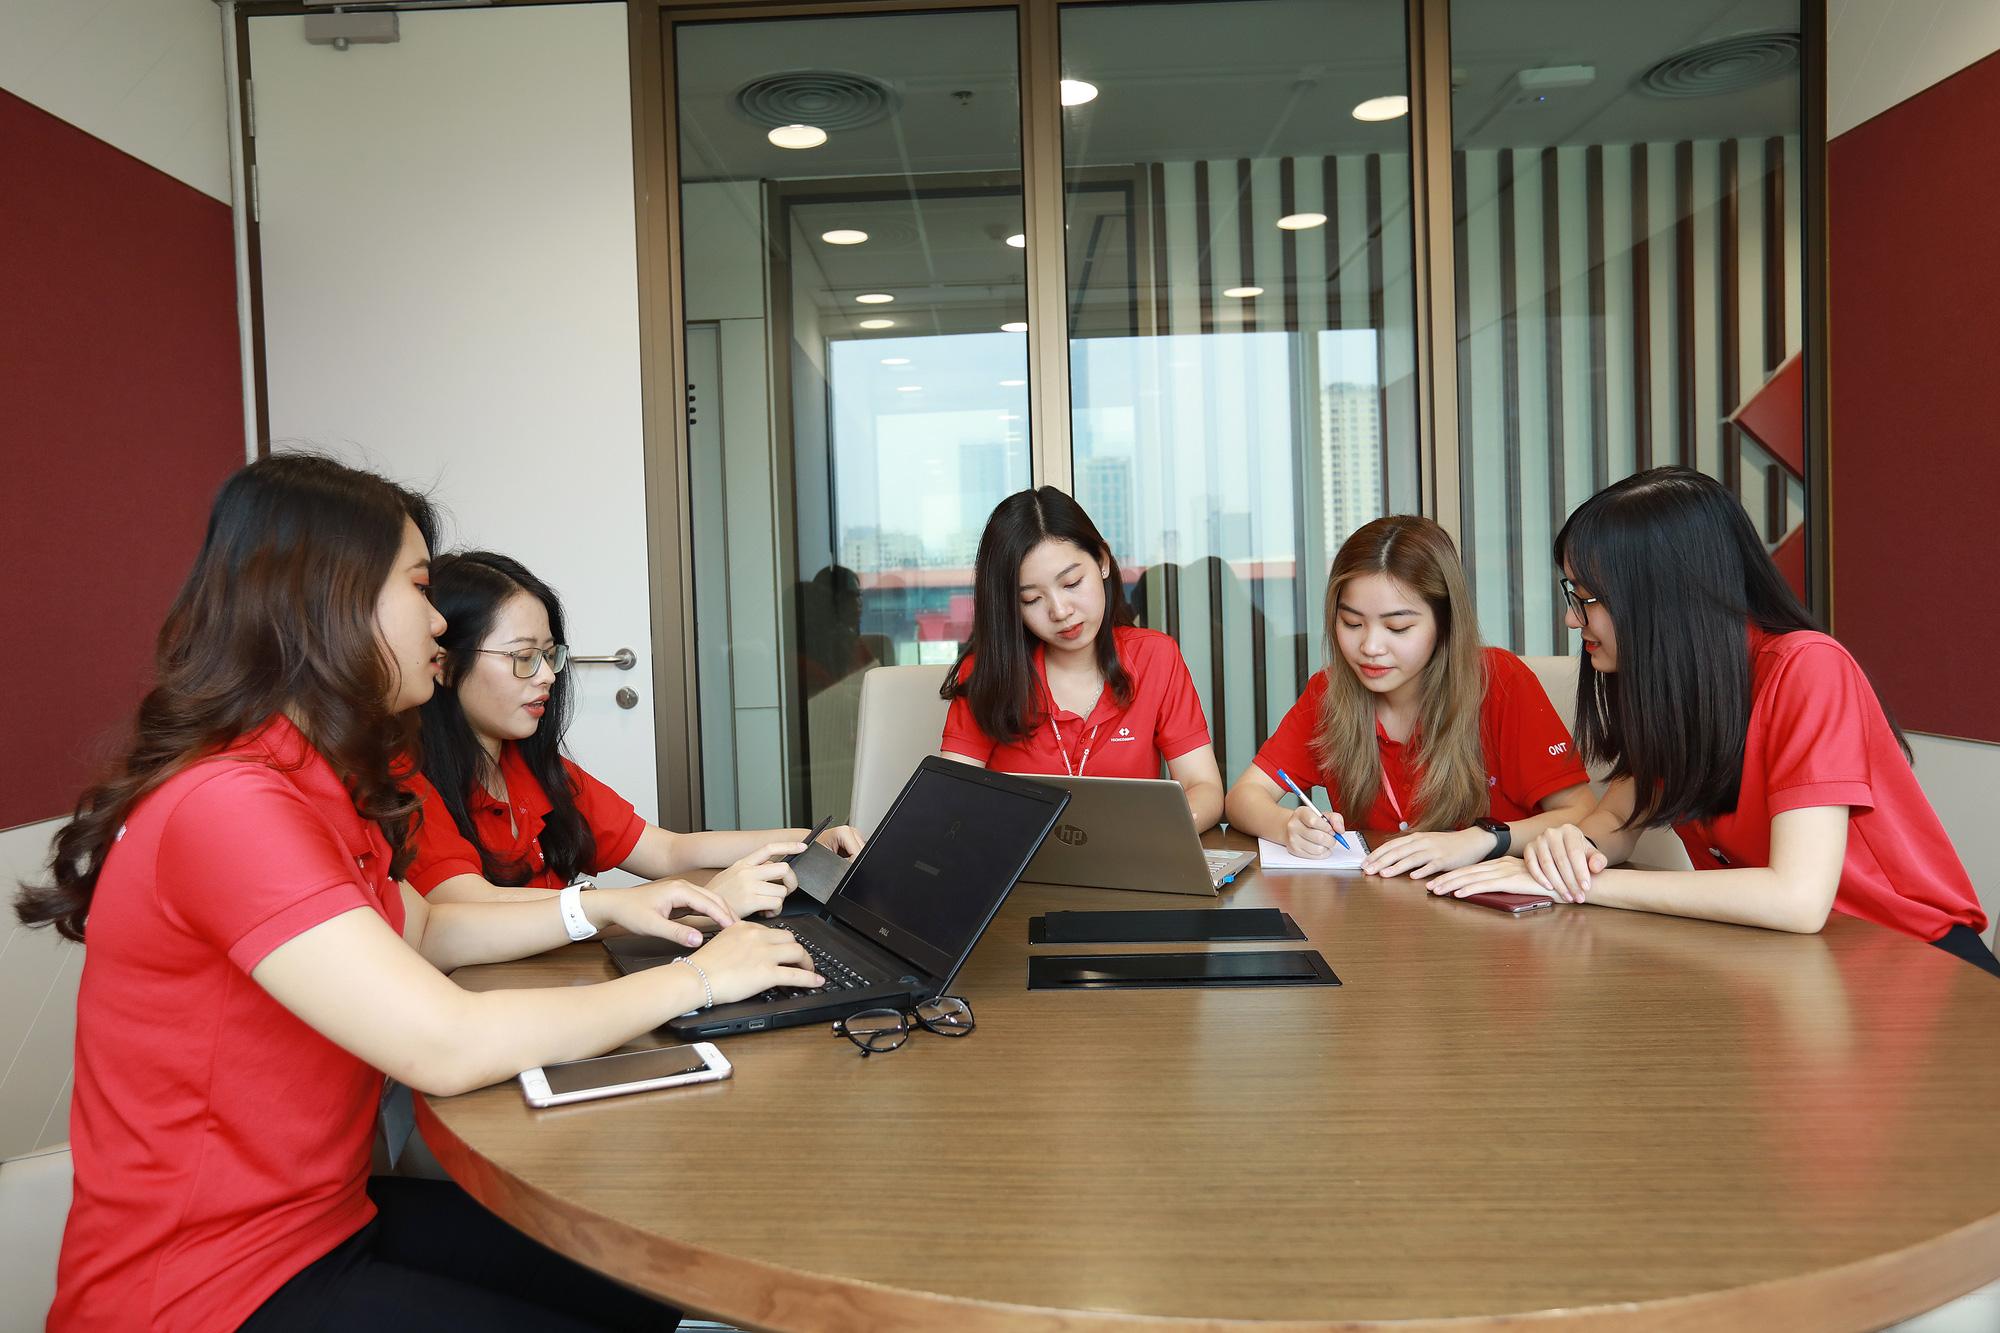 Tạo dựng nền tảng phát triển mạnh mẽ từ văn hóa doanh nghiệp - Ảnh 2.